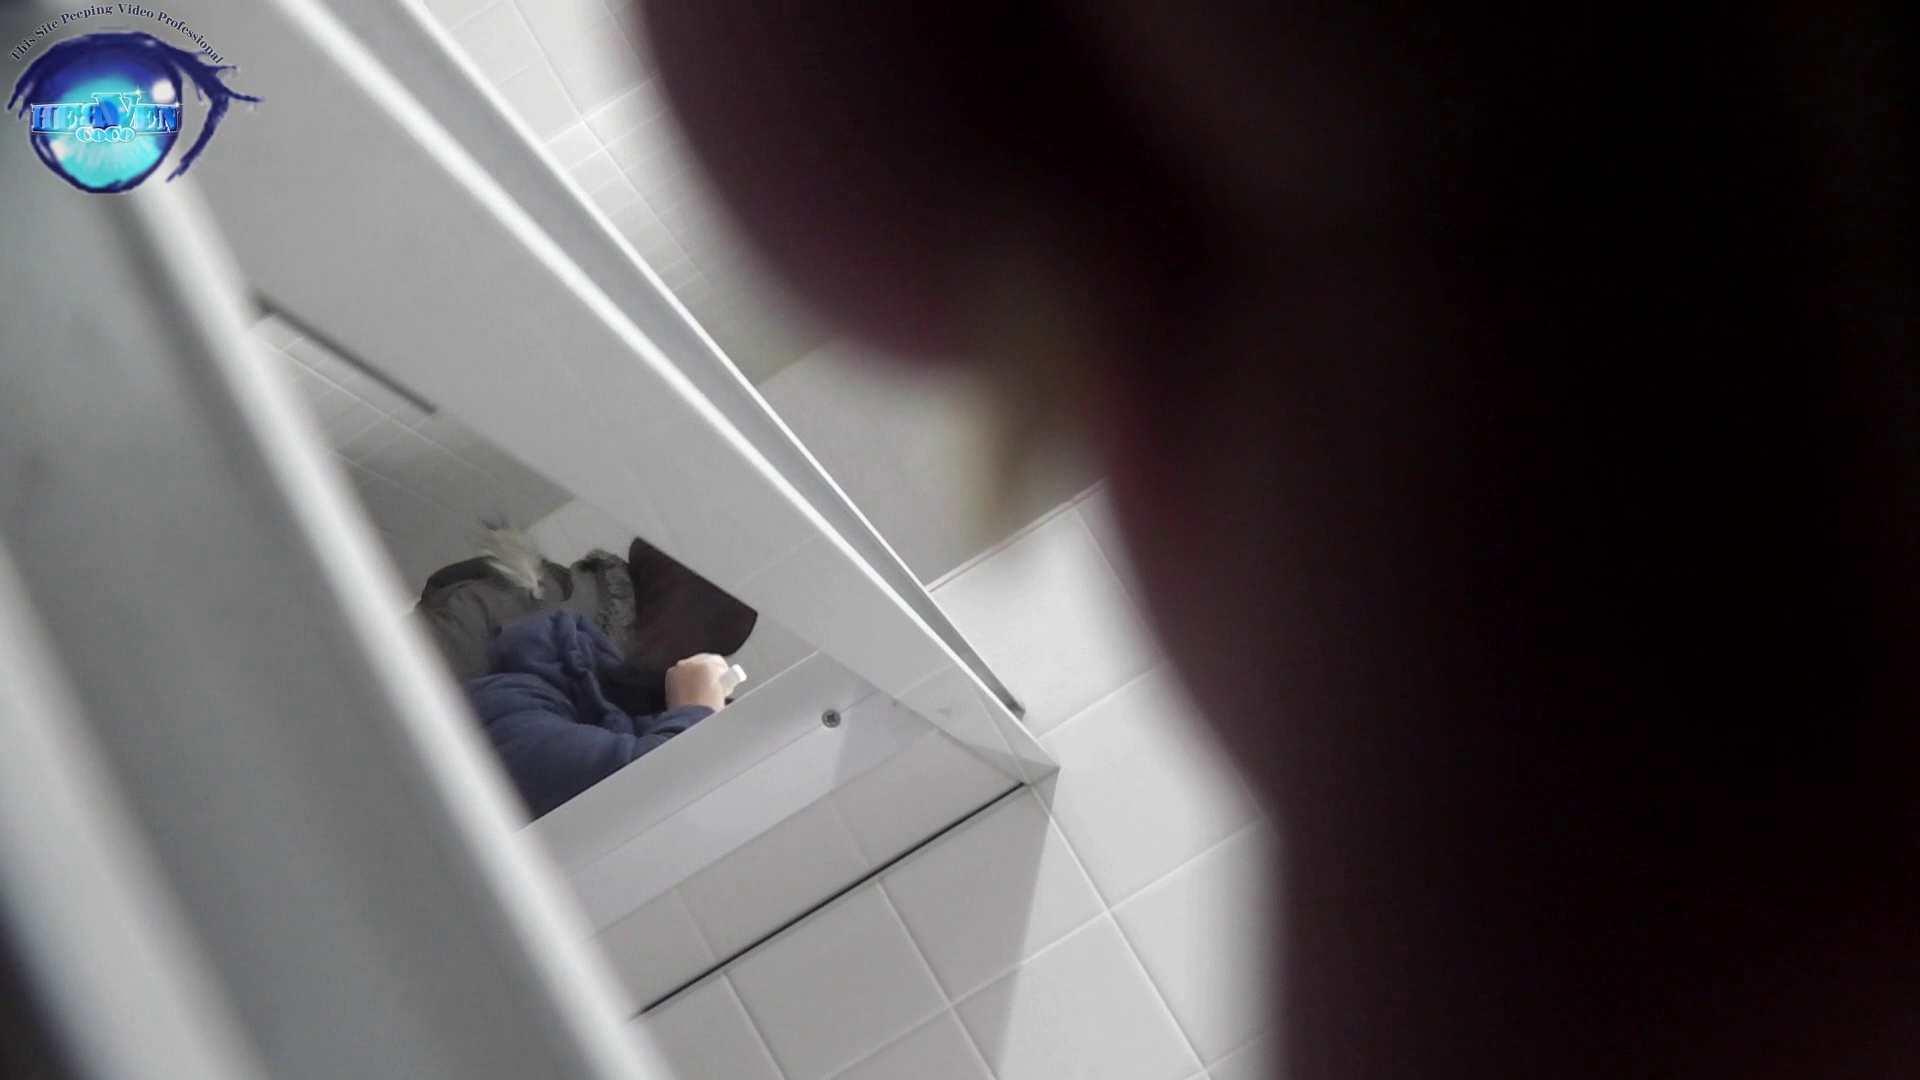 お銀さん vol.59 ピンチ!!「鏡の前で祈る女性」にばれる危機 前編 おまんこ見放題  83PIX 32